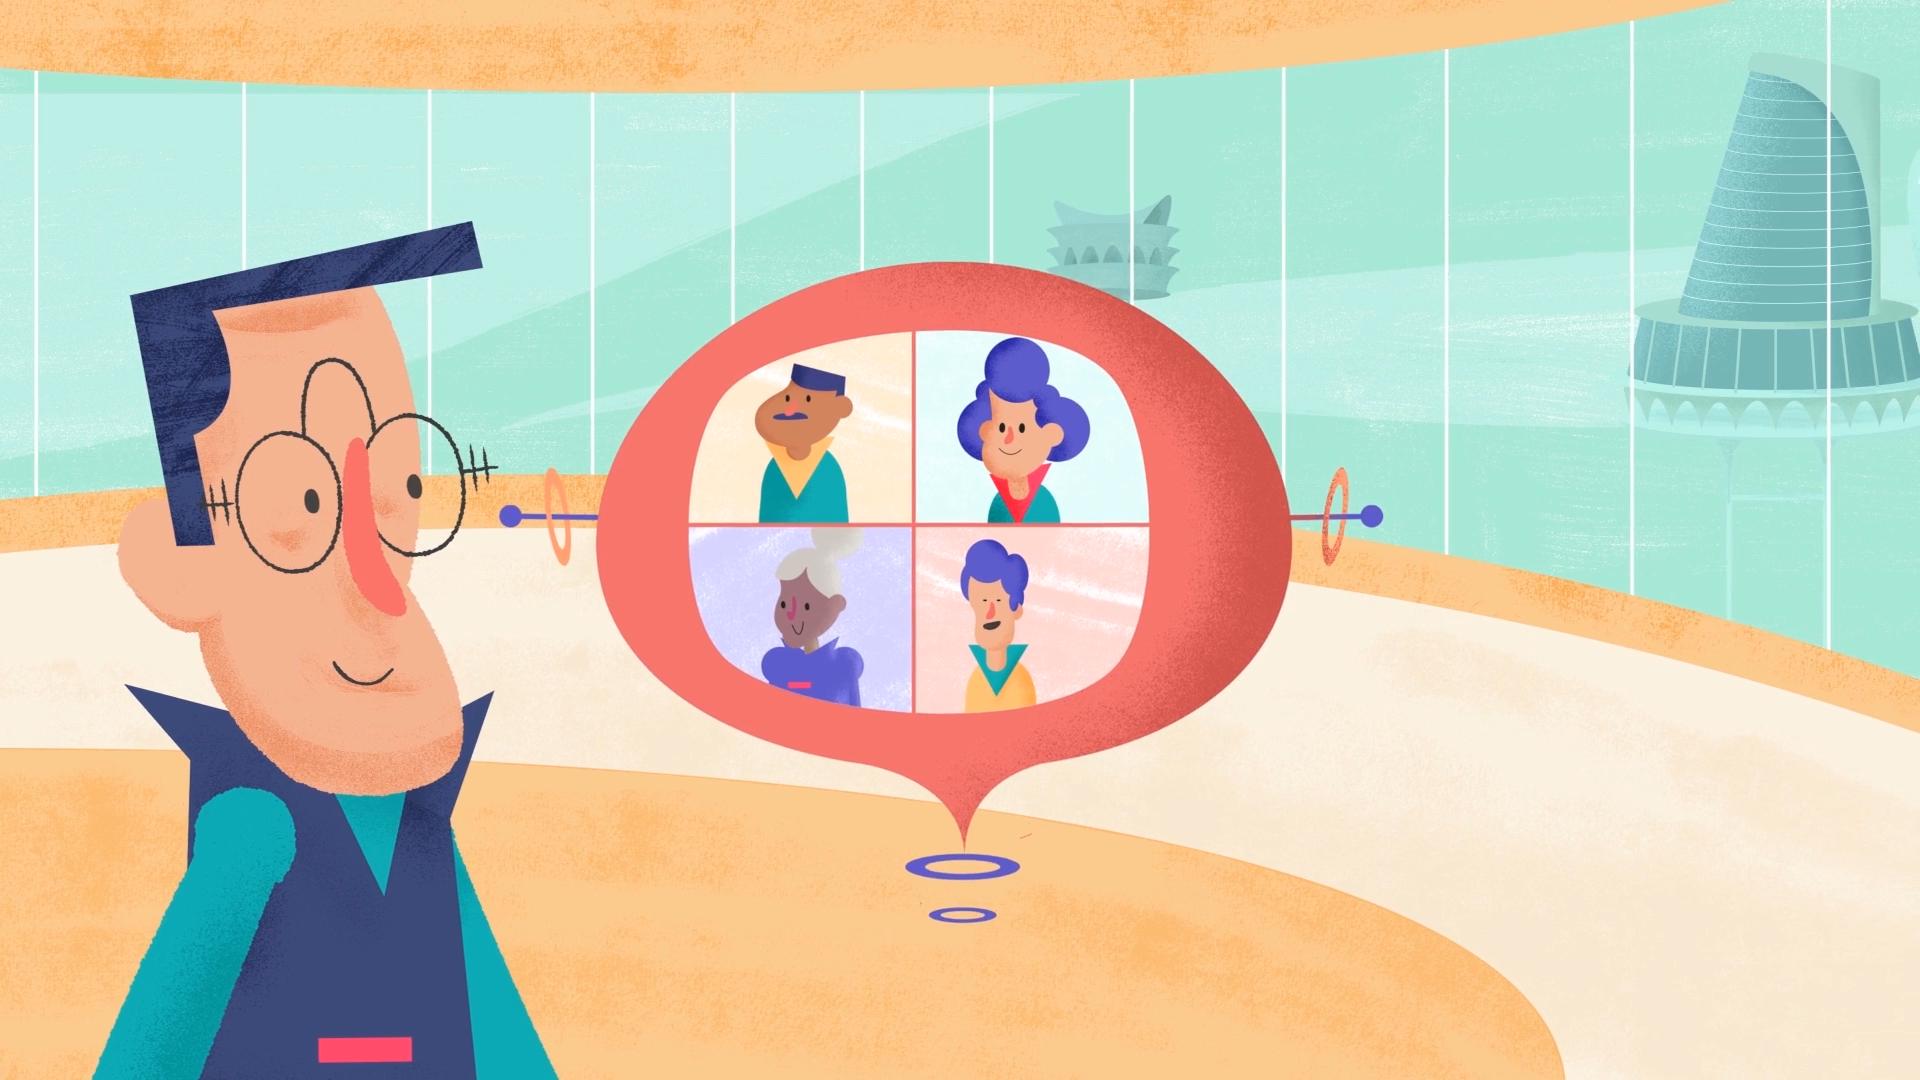 סרט נע: איך יוצרים סרט אנימציה מוזמן כך שכל הצדדים יצאו (די) מרוצים